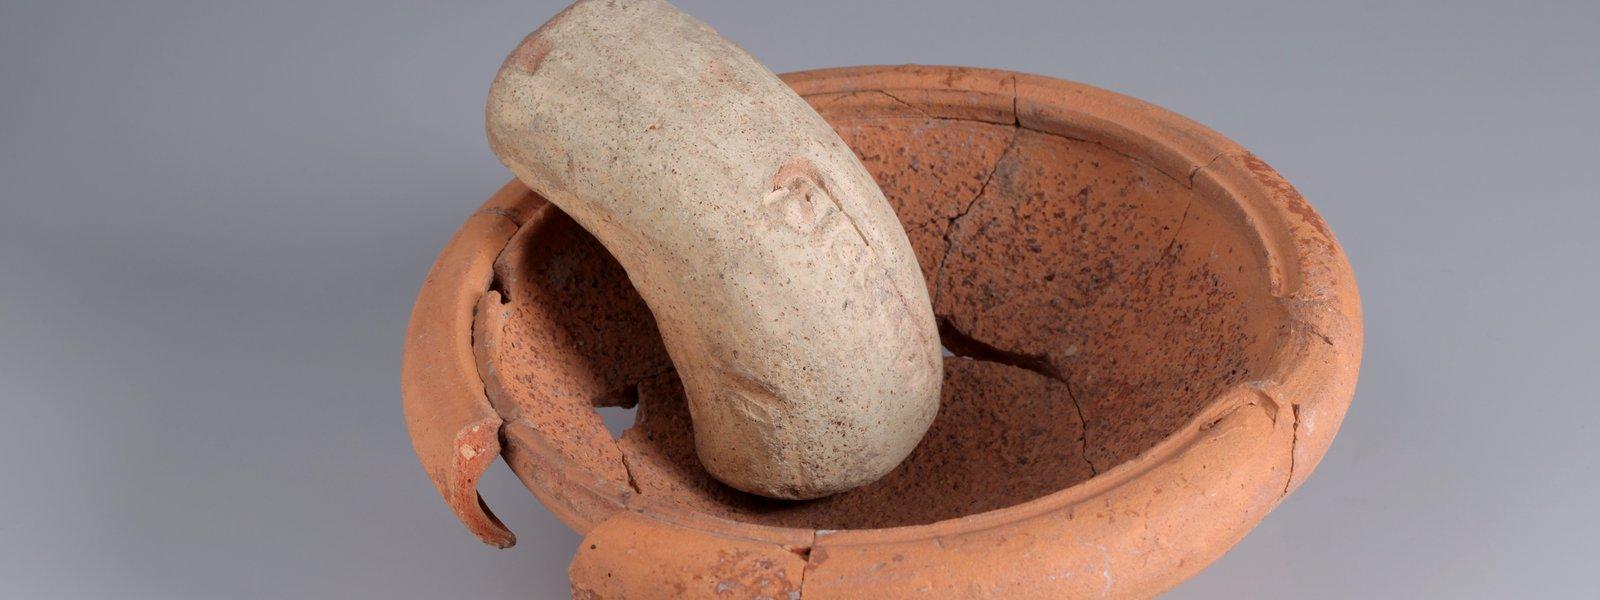 B Baosity Mortier De Laboratoire De Verre Avec Broyage Et Pulv/érisation De La Clinique Du Pilon 60mm